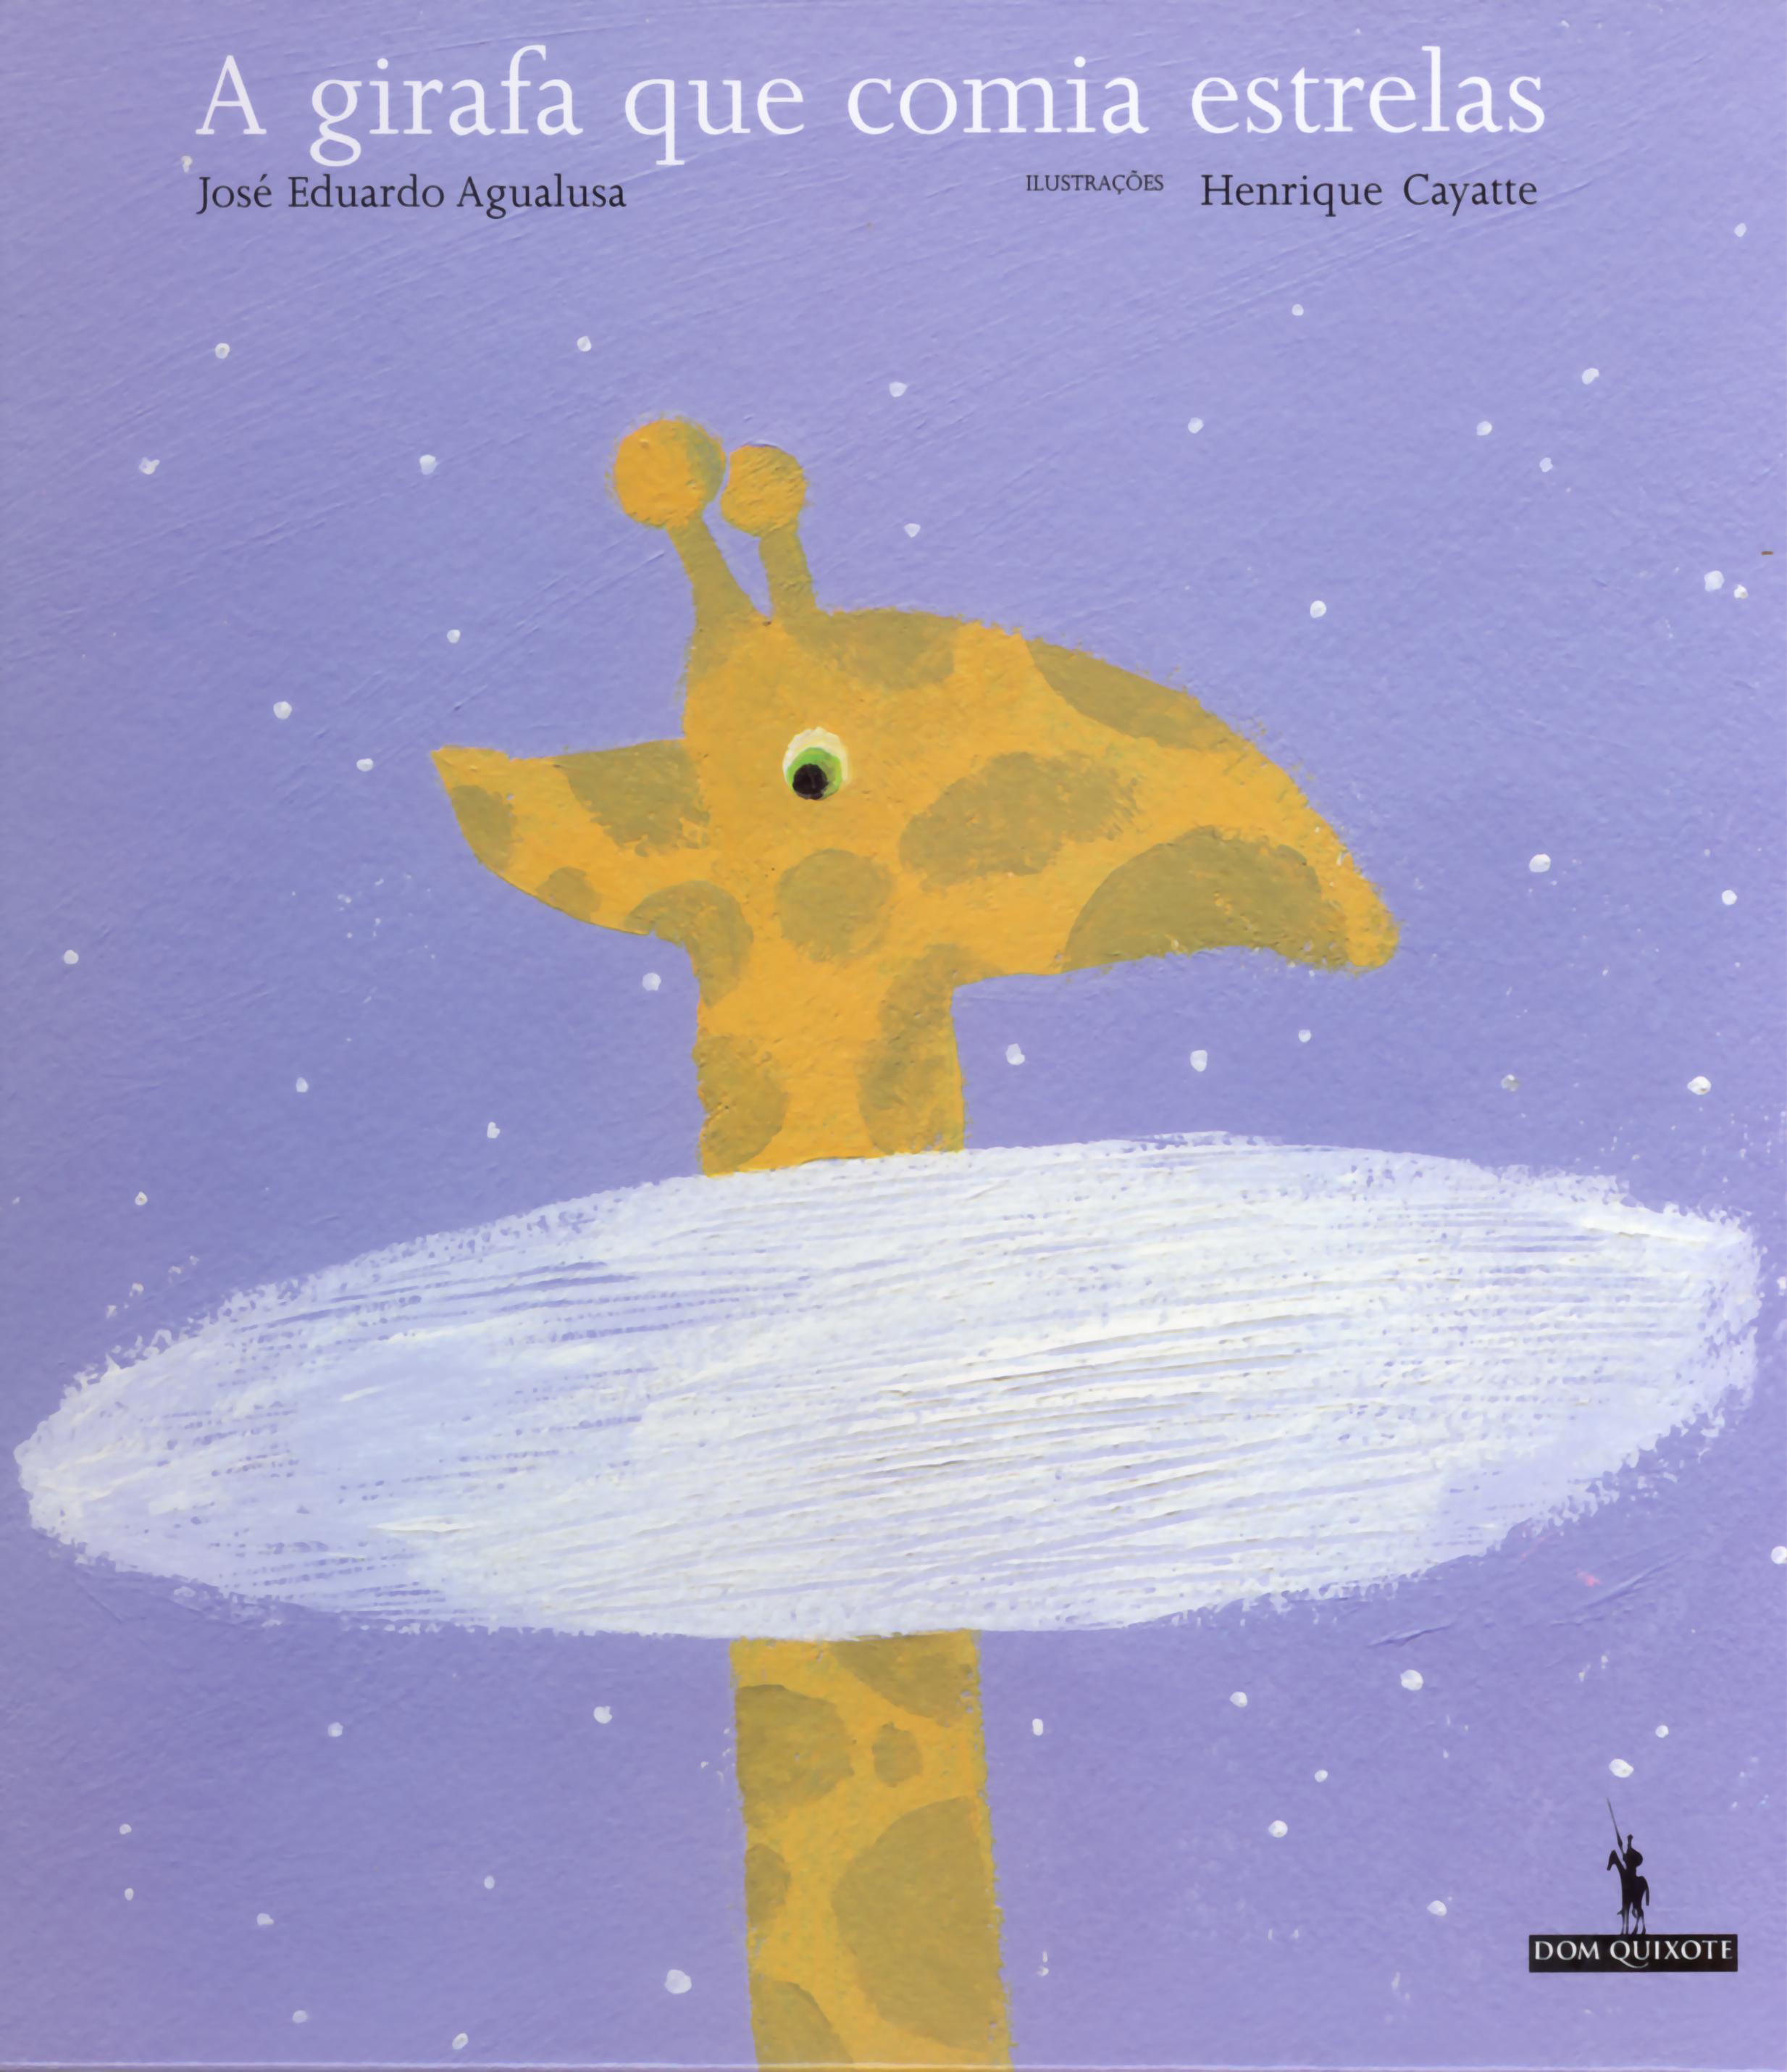 Resultado de imagem para capa do livro a girafa que comia estrelas